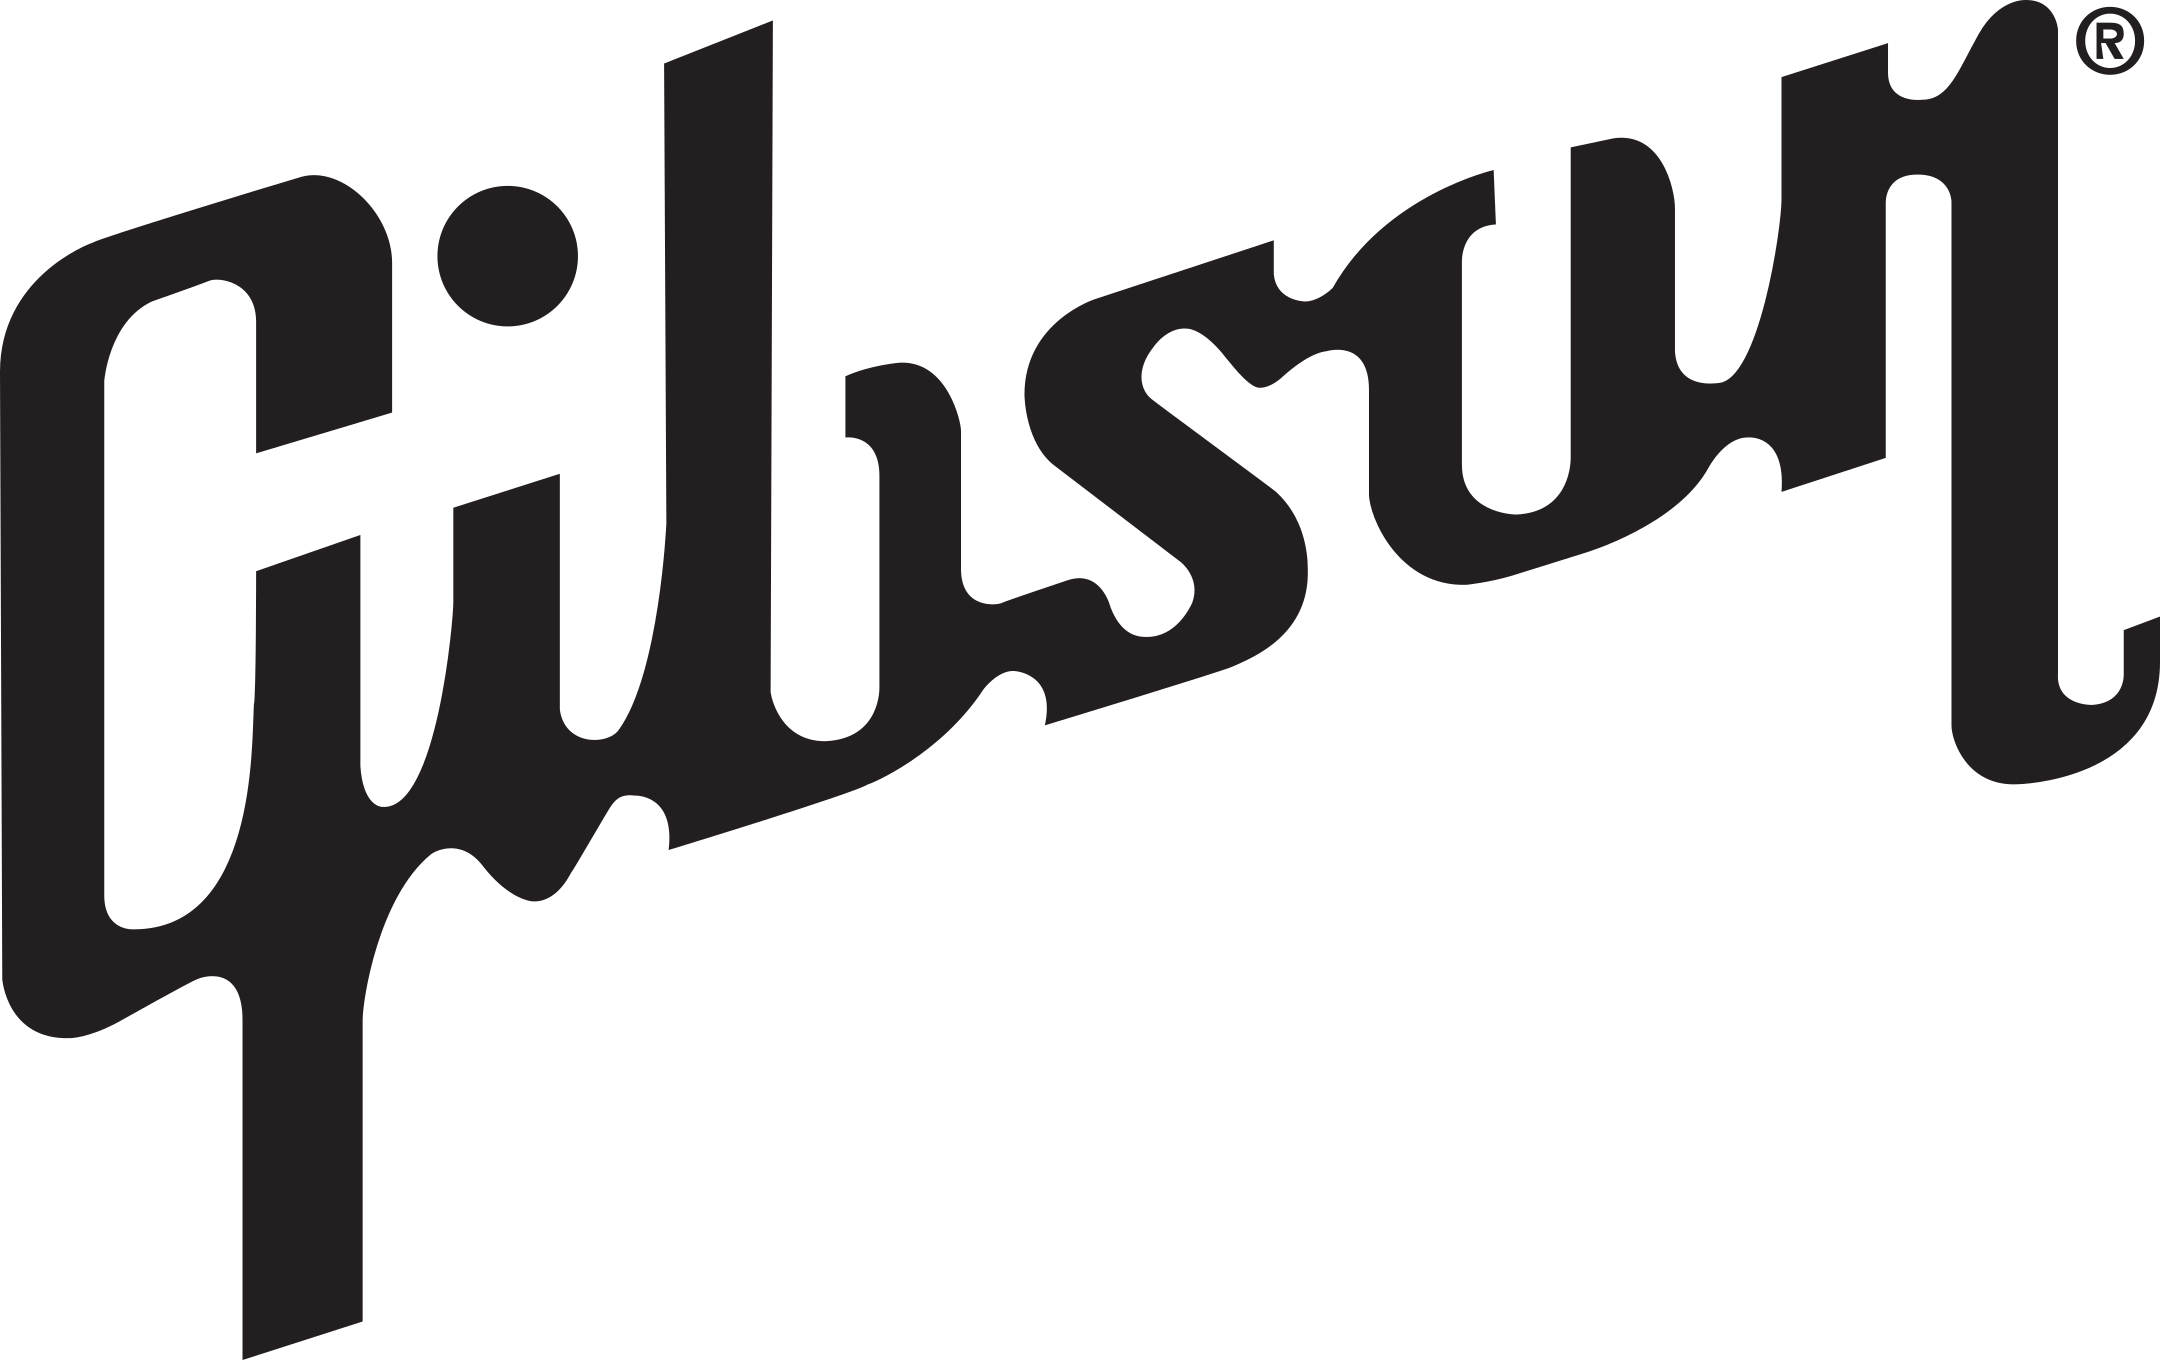 gibson logo 1 1 - Gibson Logo